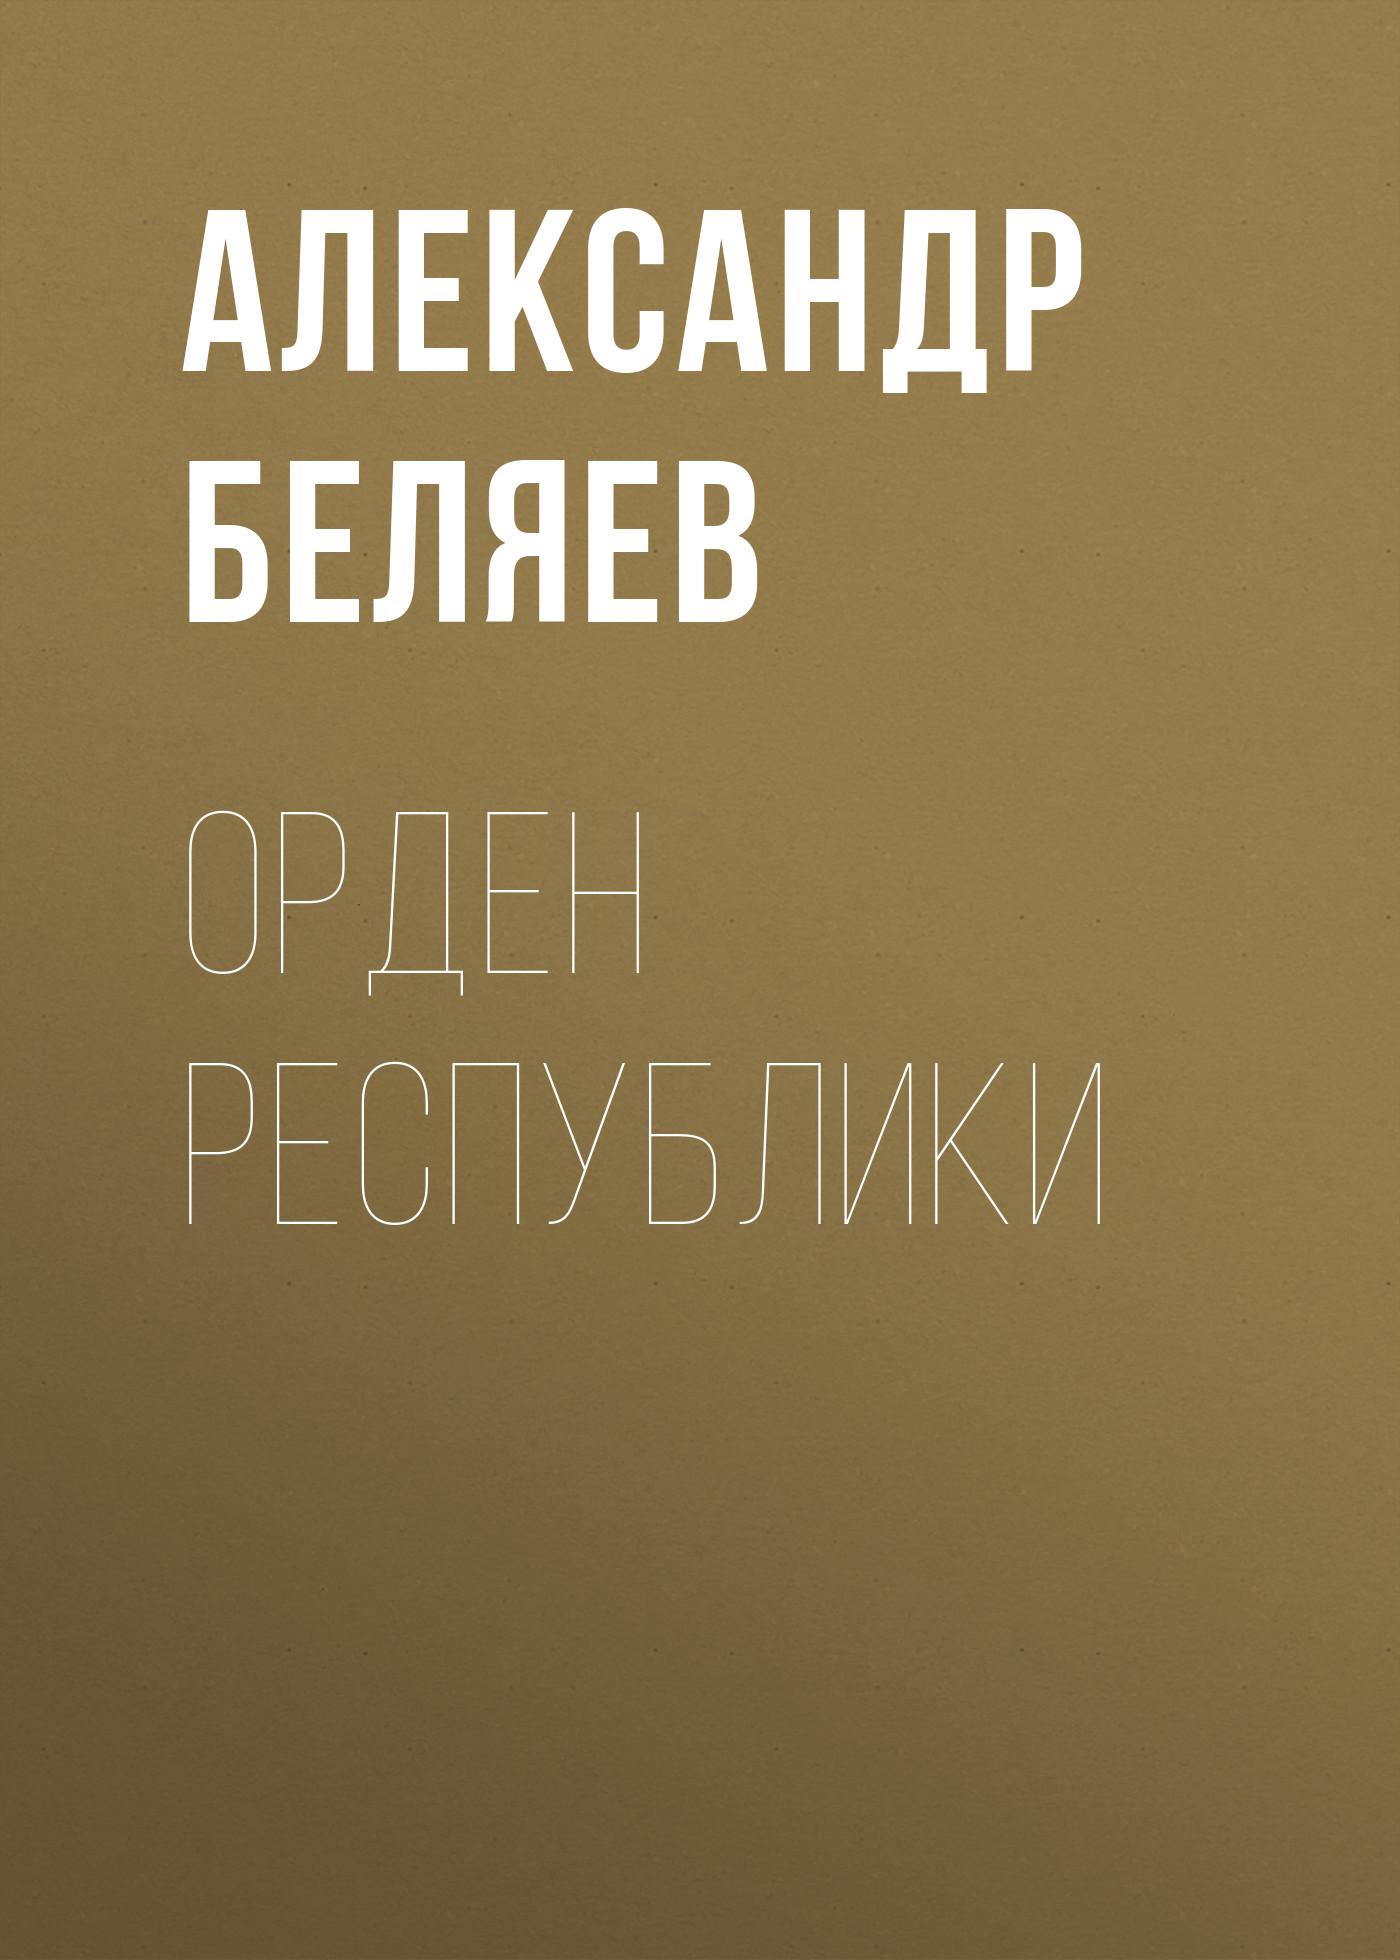 цена на Александр Беляев Орден республики